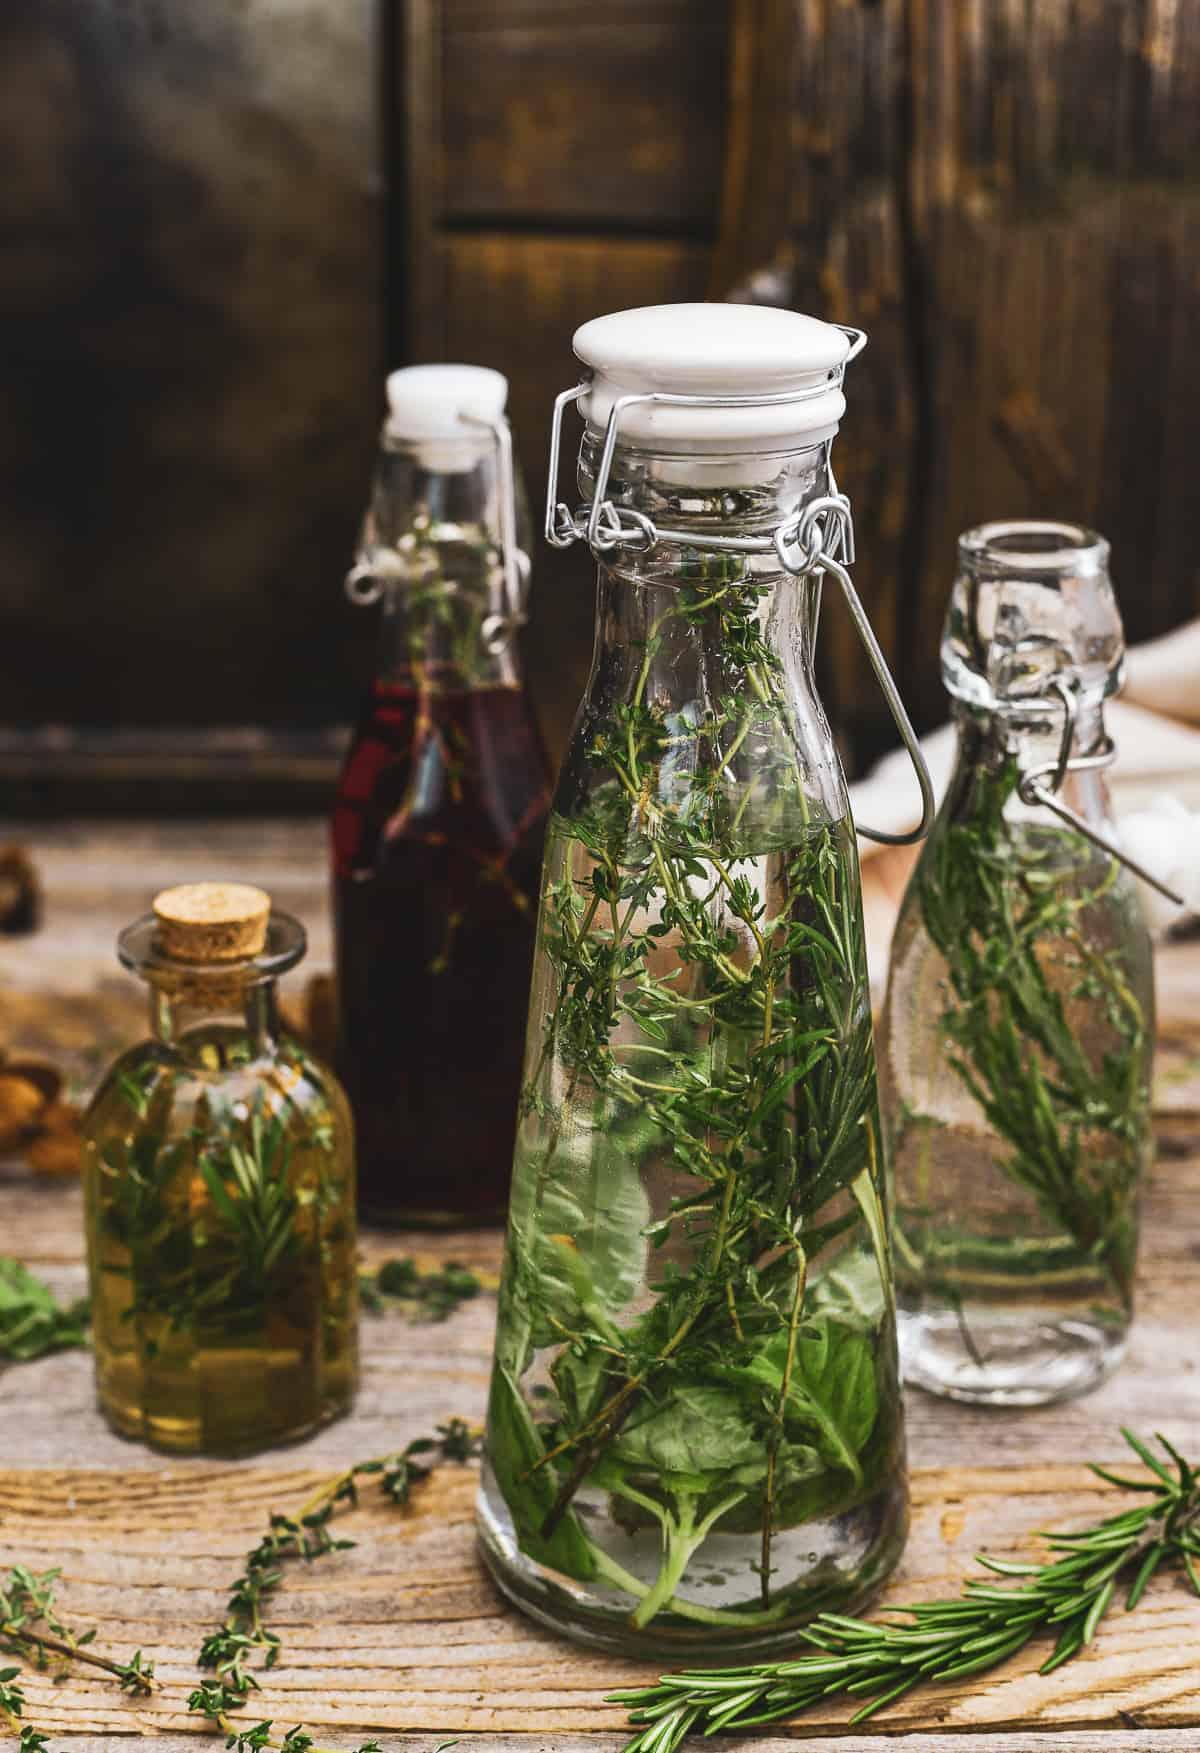 Four bottles of herb vinegar.